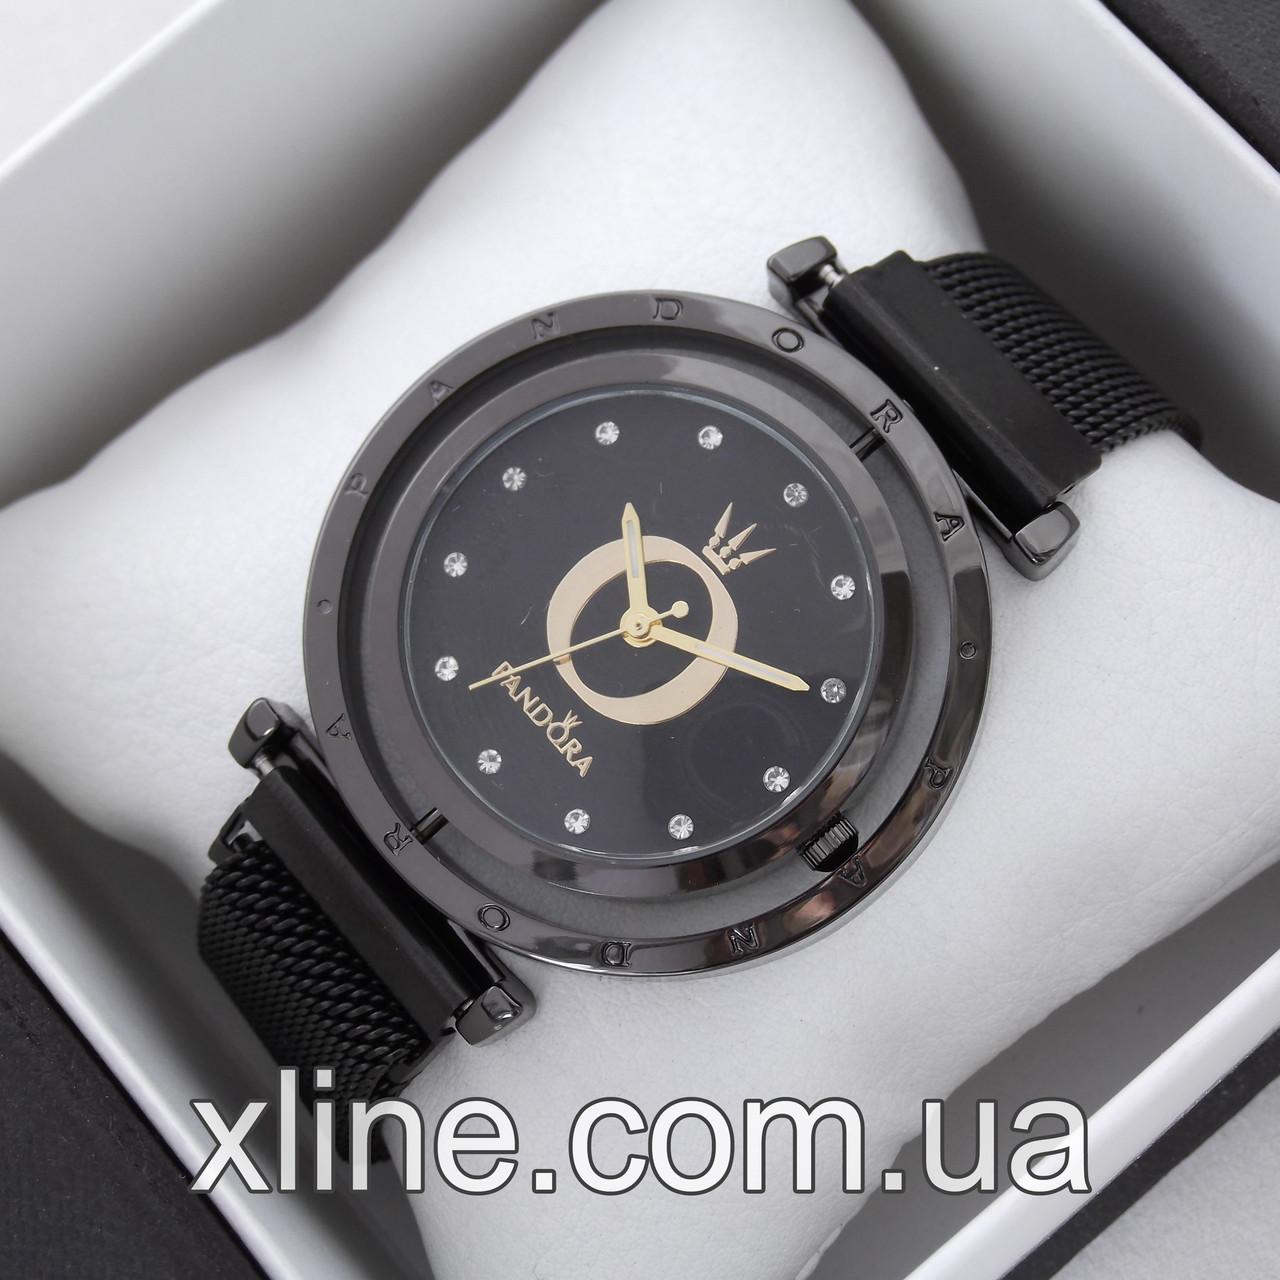 Жіночі наручні годинники Pandora M276 на металевому браслеті